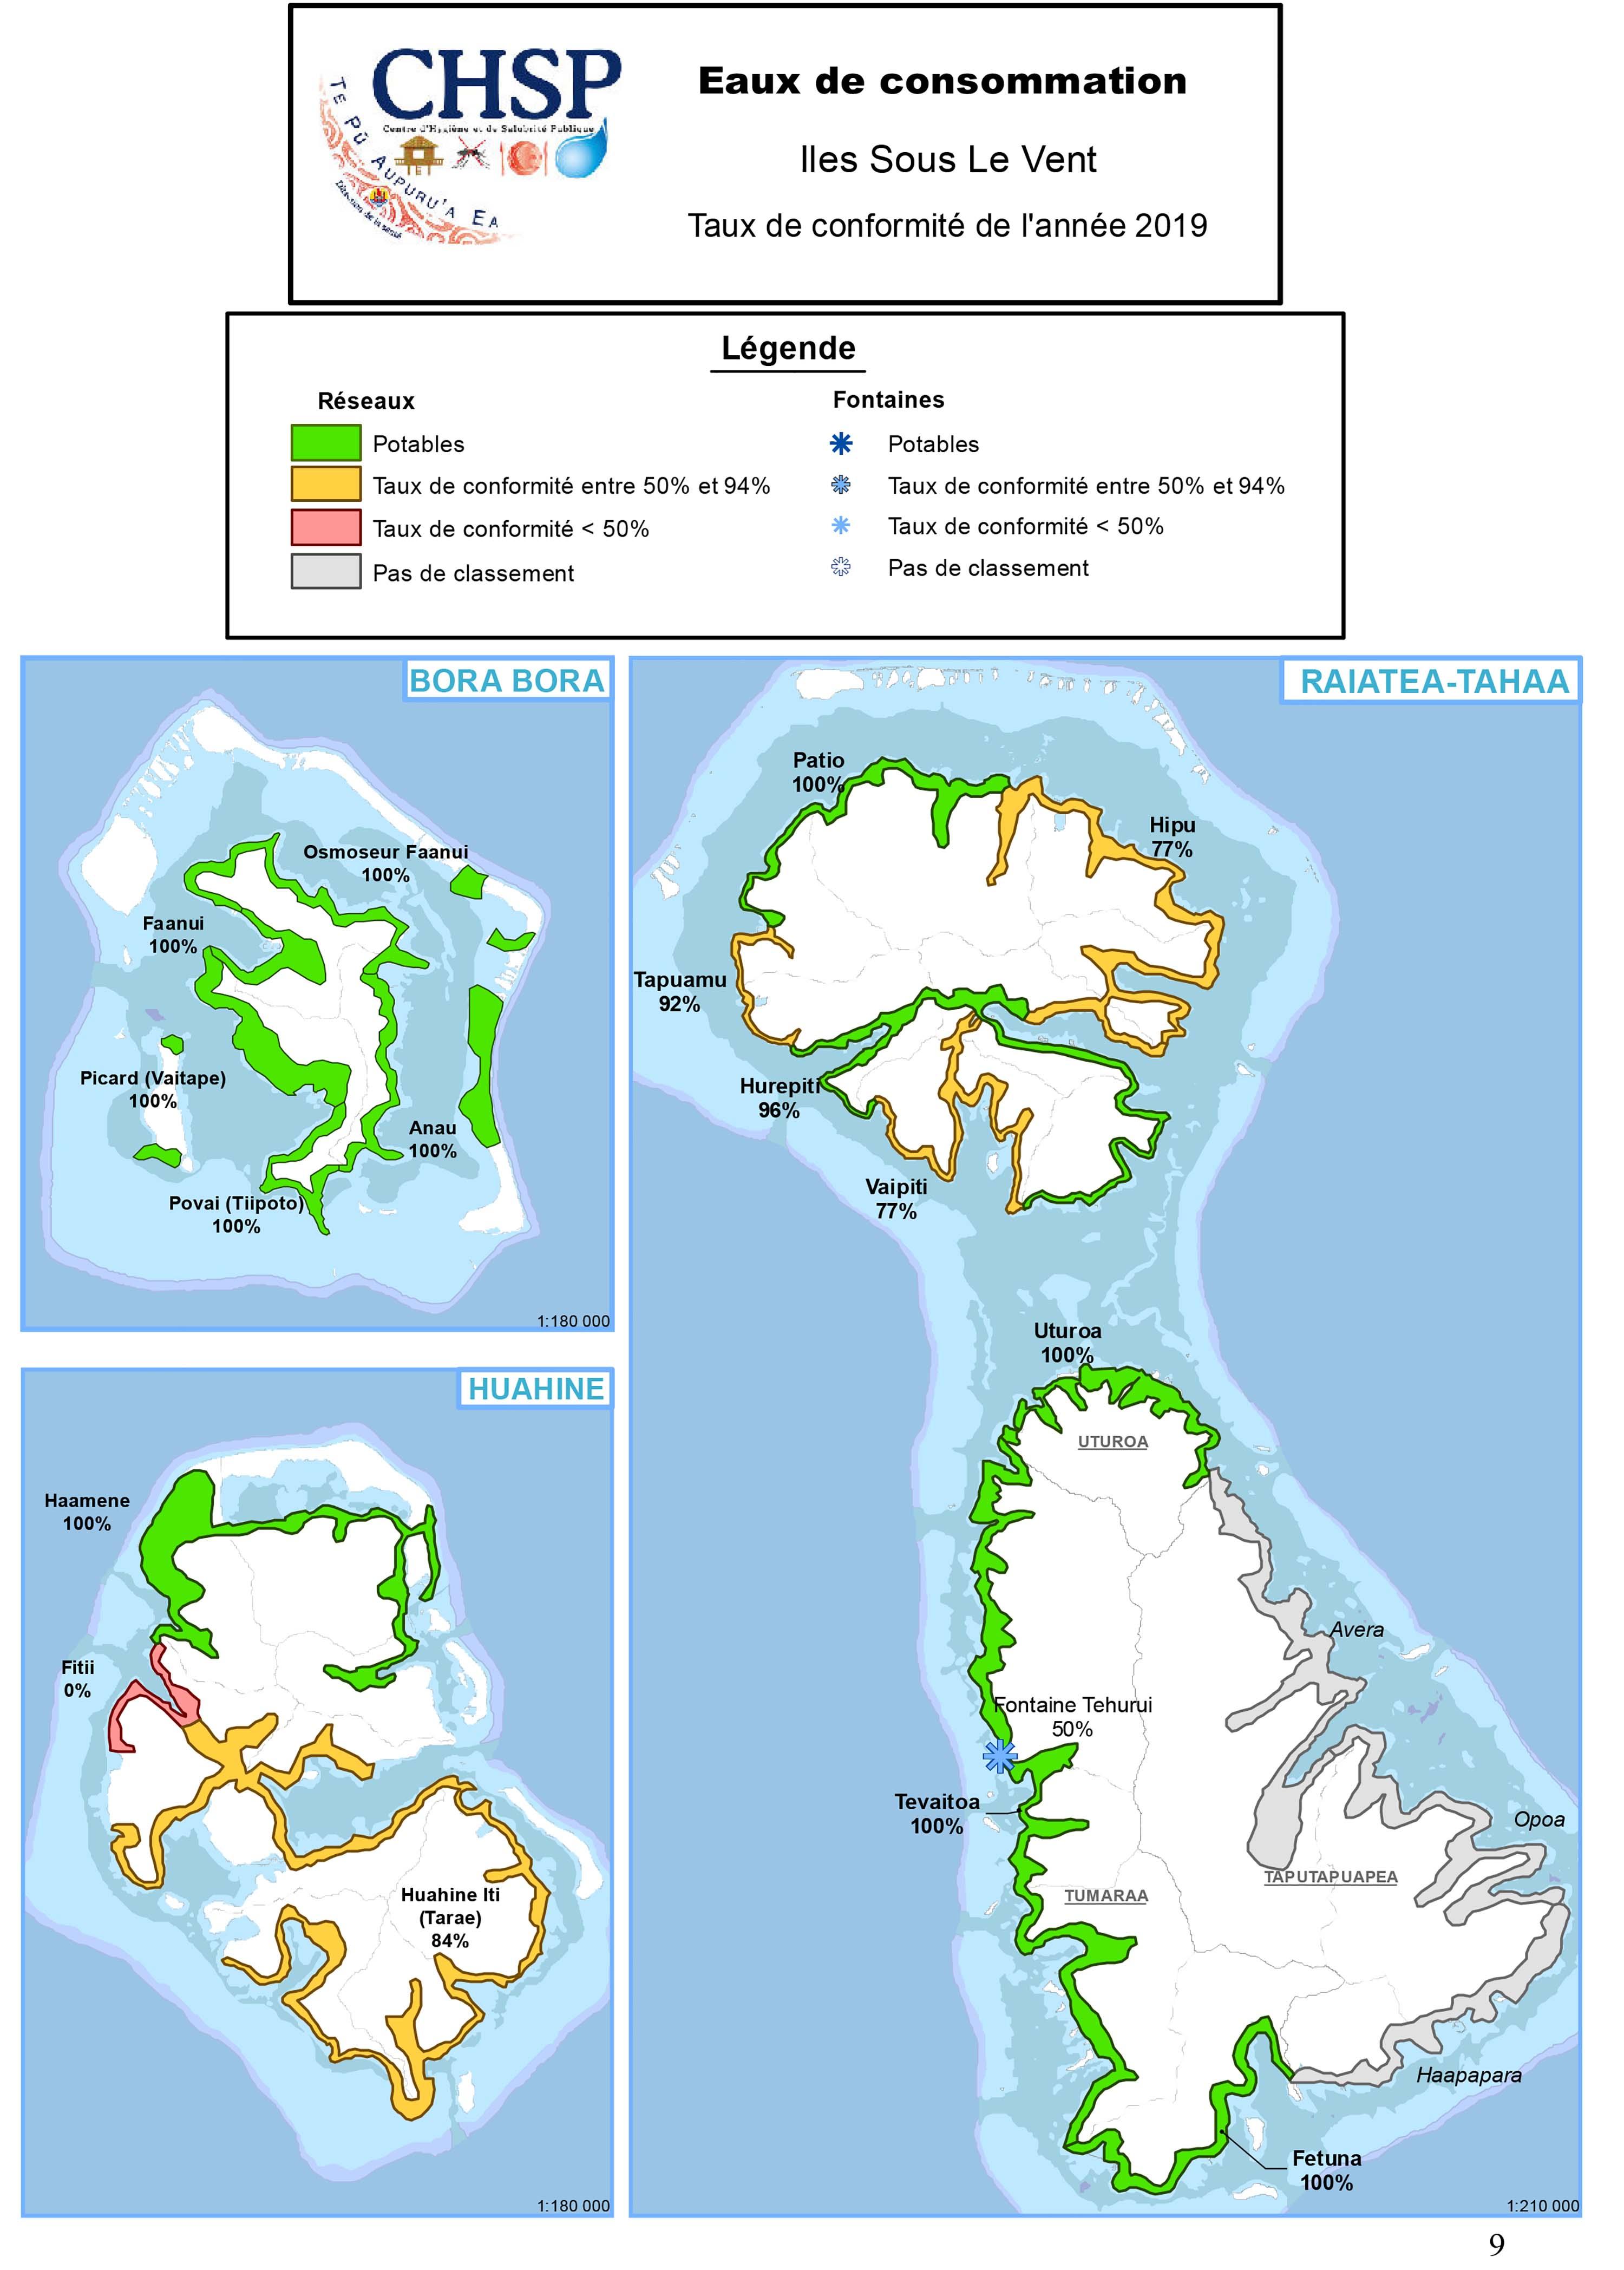 Eaux potable : La zone urbaine de Tahiti surnage